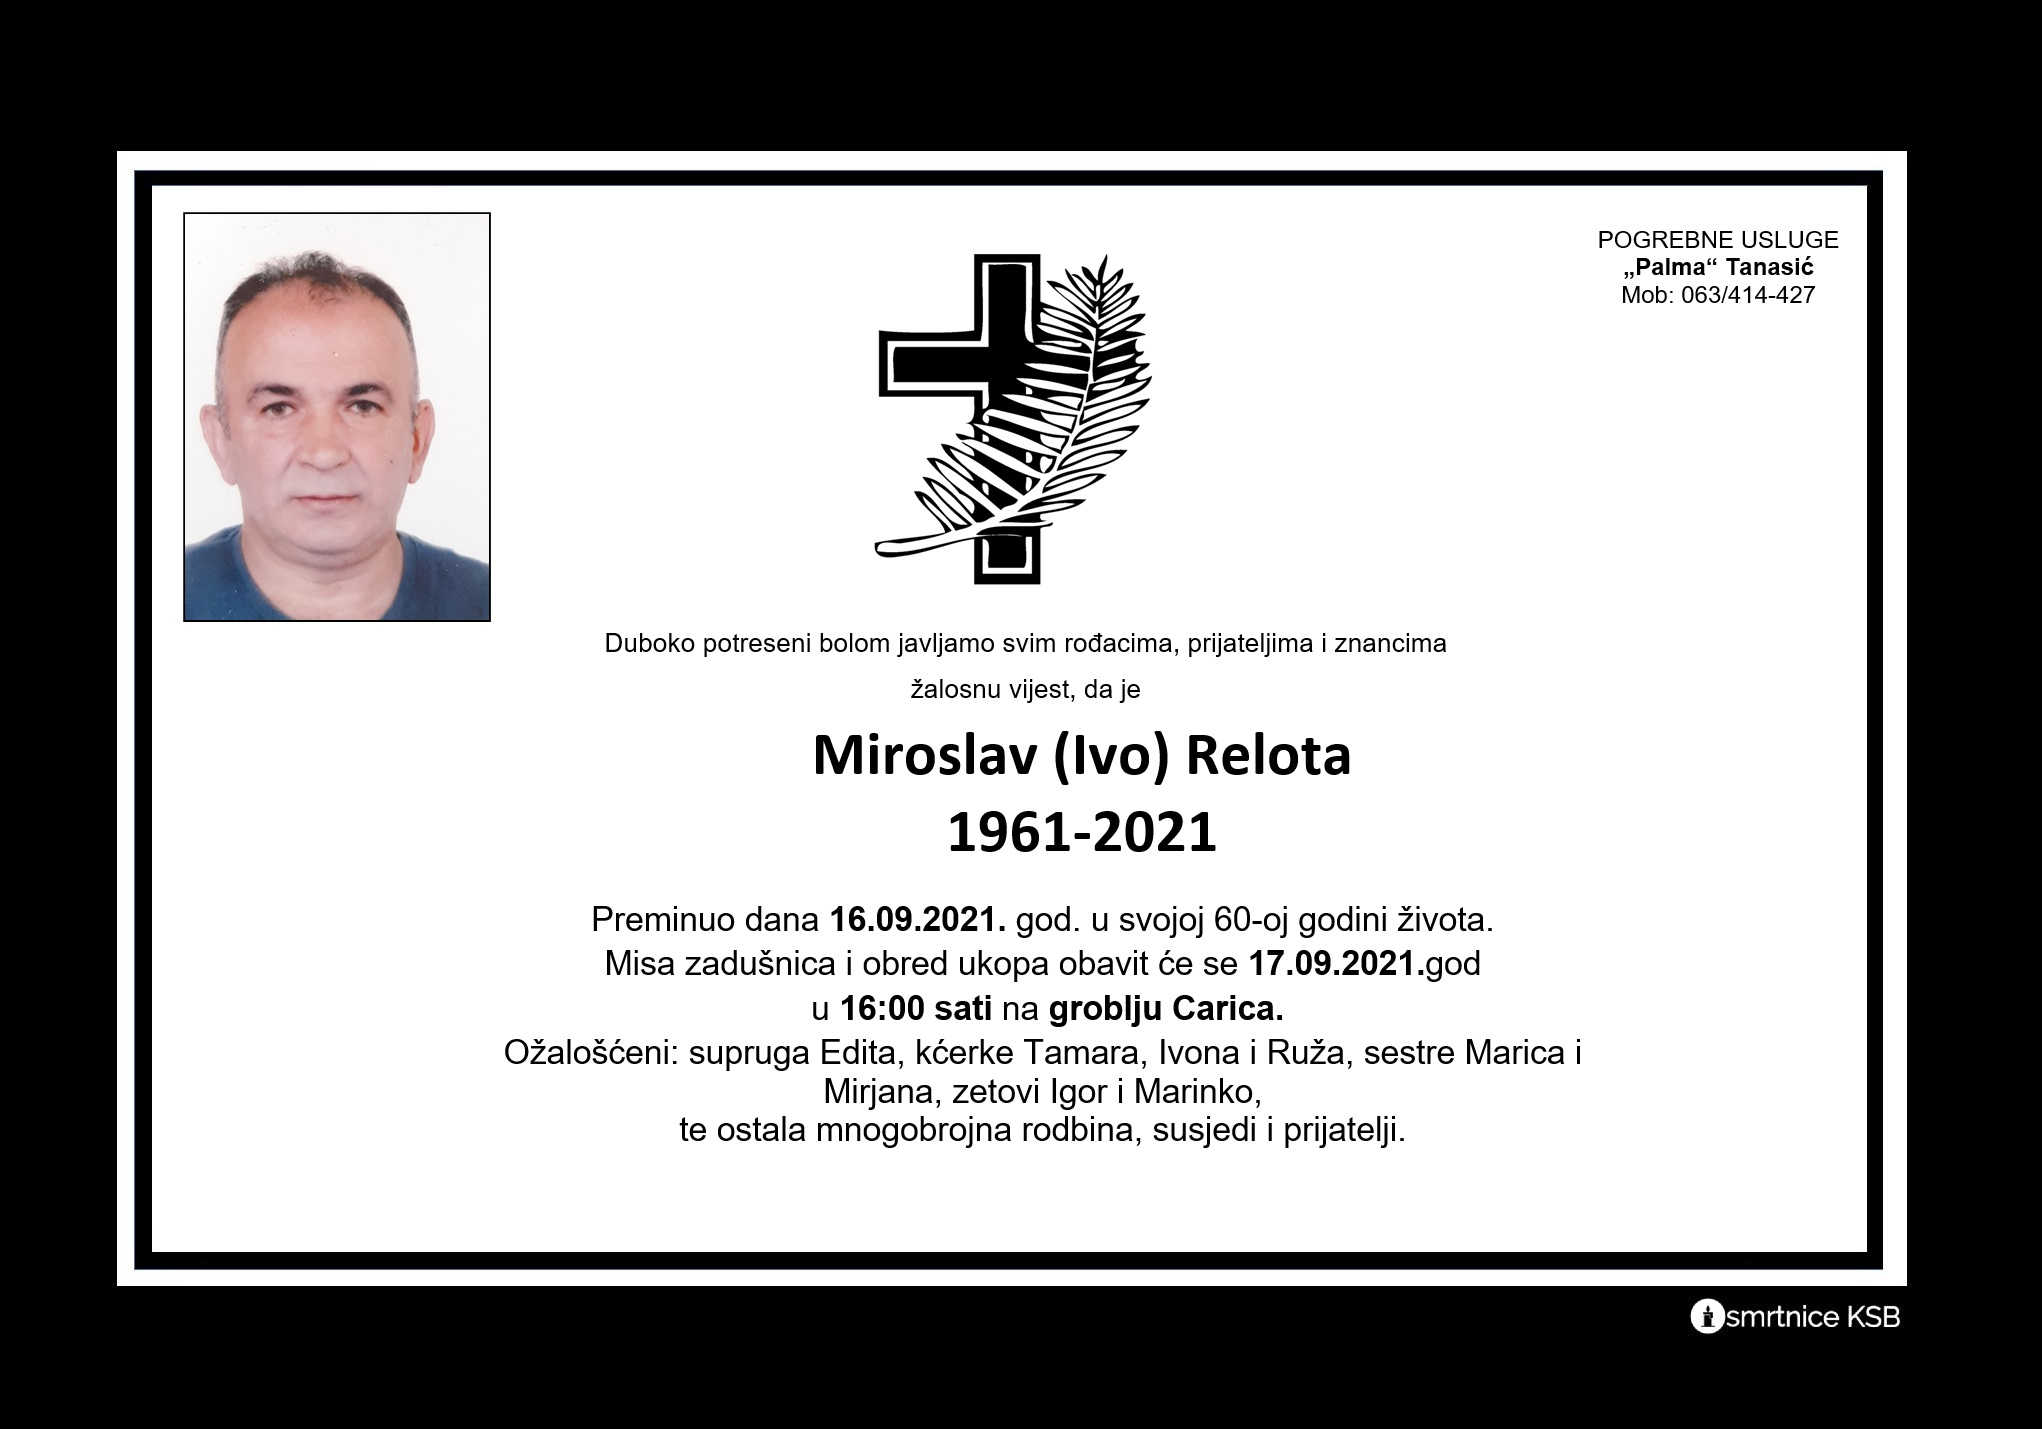 Pročitajte više o članku Miroslav (Ivo) Relota